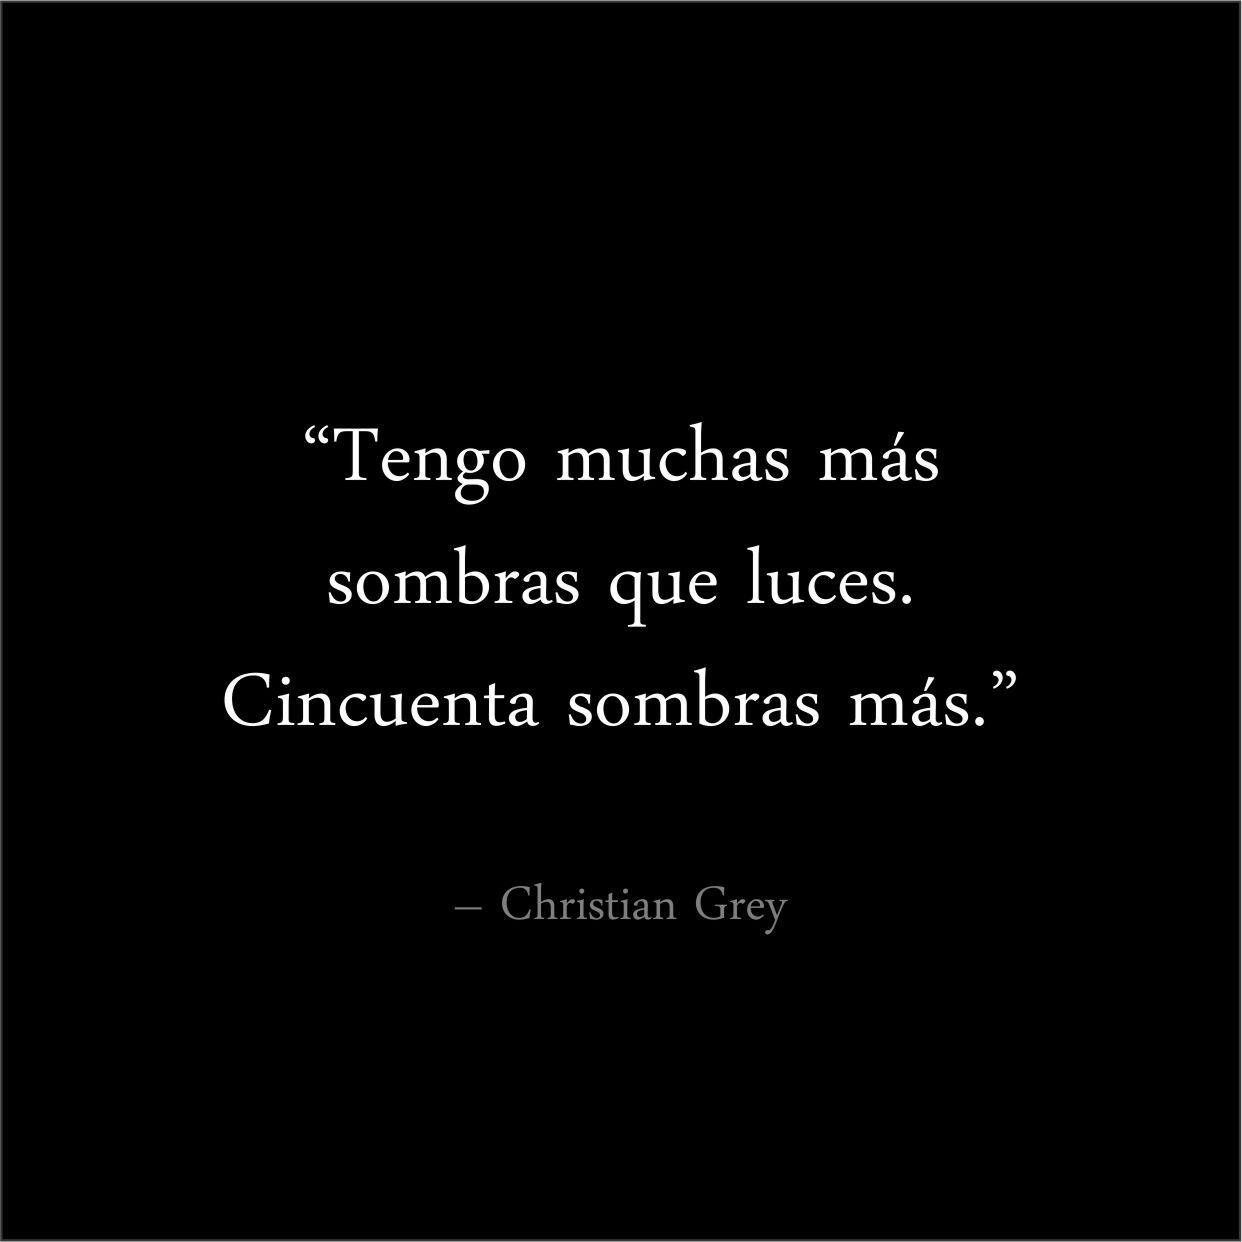 Frases Del Libro 50 Sombras De Grey Amor Y Palabras Citas Frases